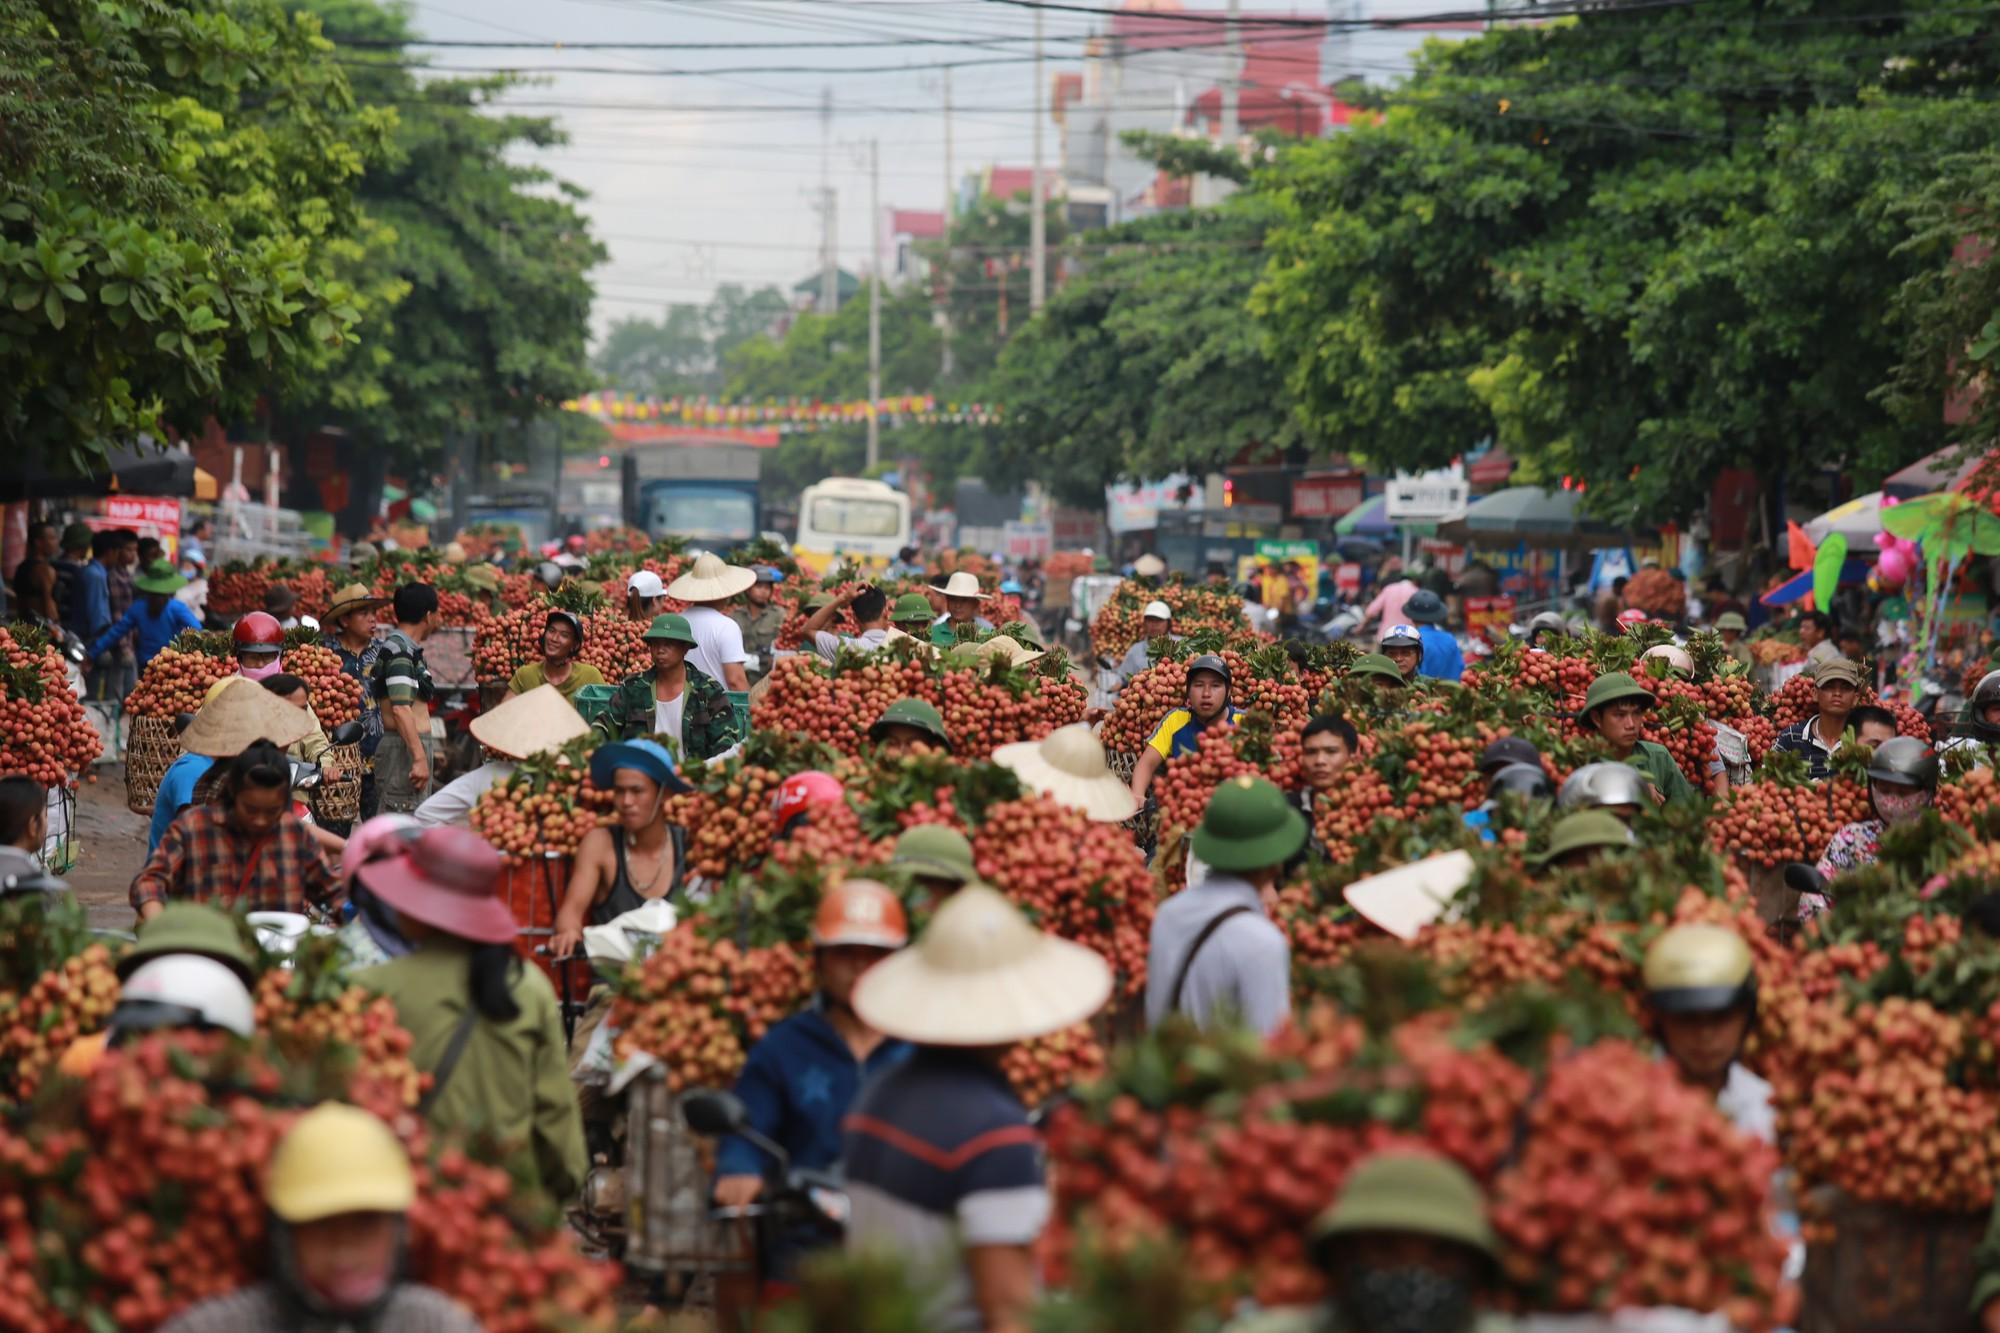 Bộ trưởng Nguyễn Xuân Cường: Nhìn lại thành quả vượt bậc của nông nghiệp Việt Nam với những con số ấn tượng nhất  - Ảnh 3.